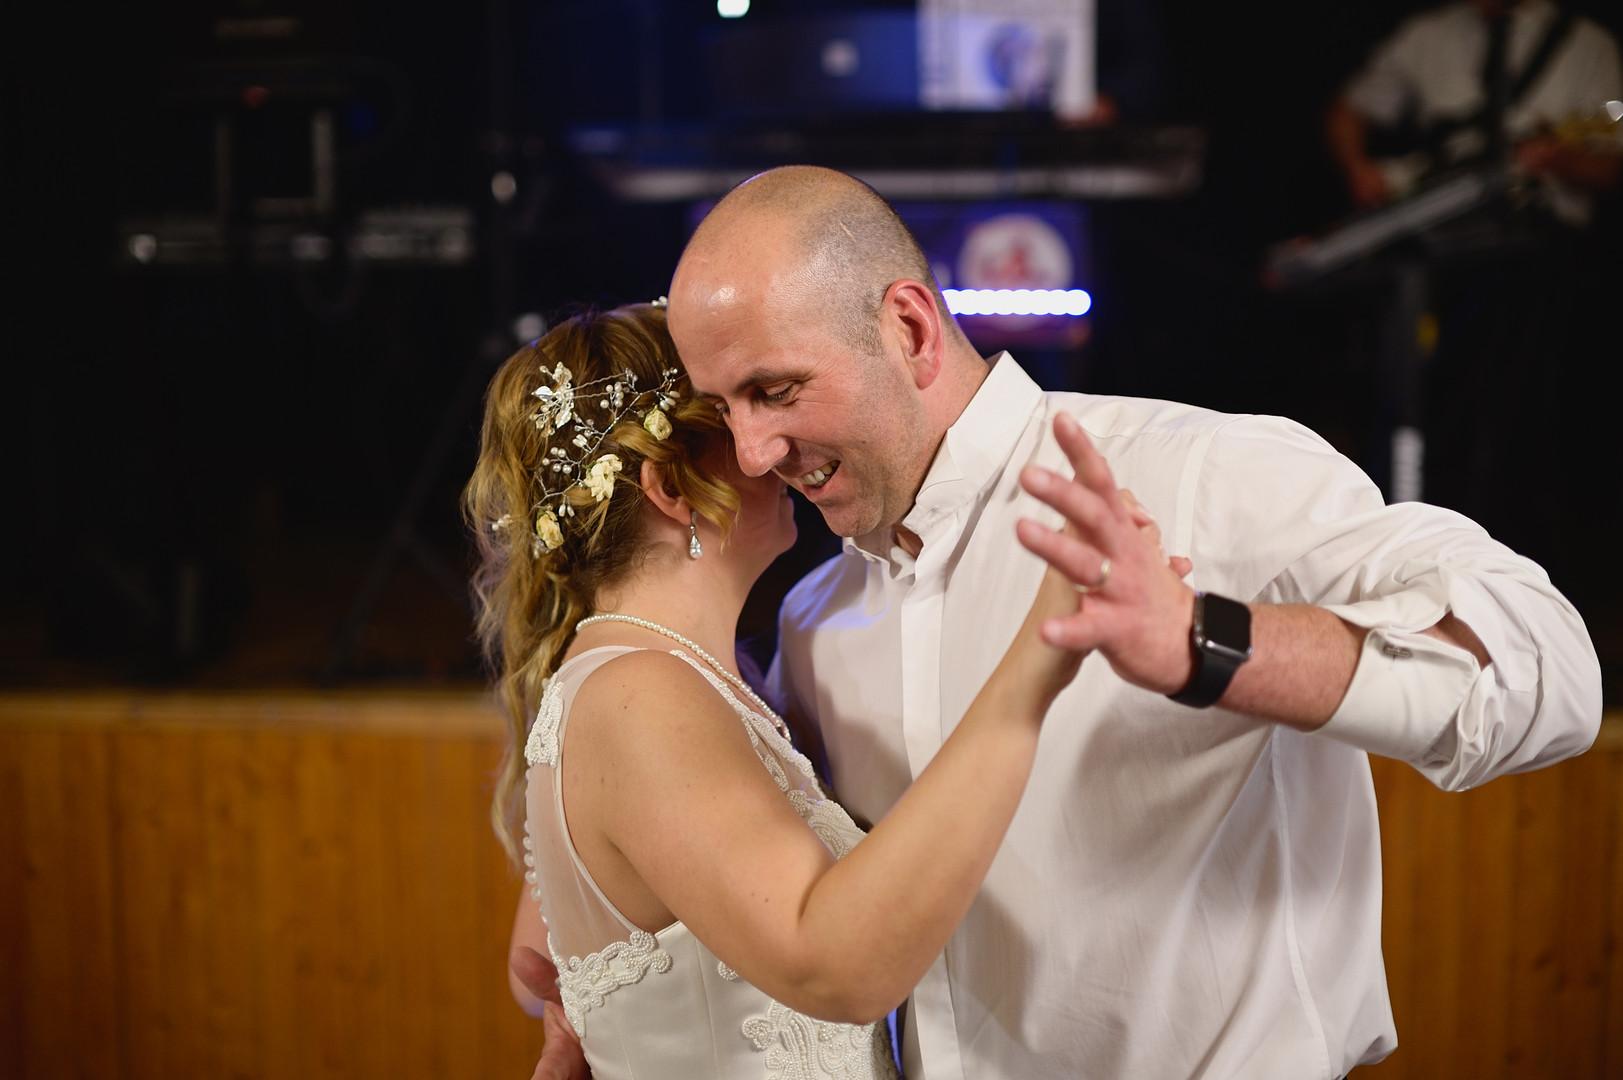 705  Esküvői fotózás - Enikő és Peti Bul